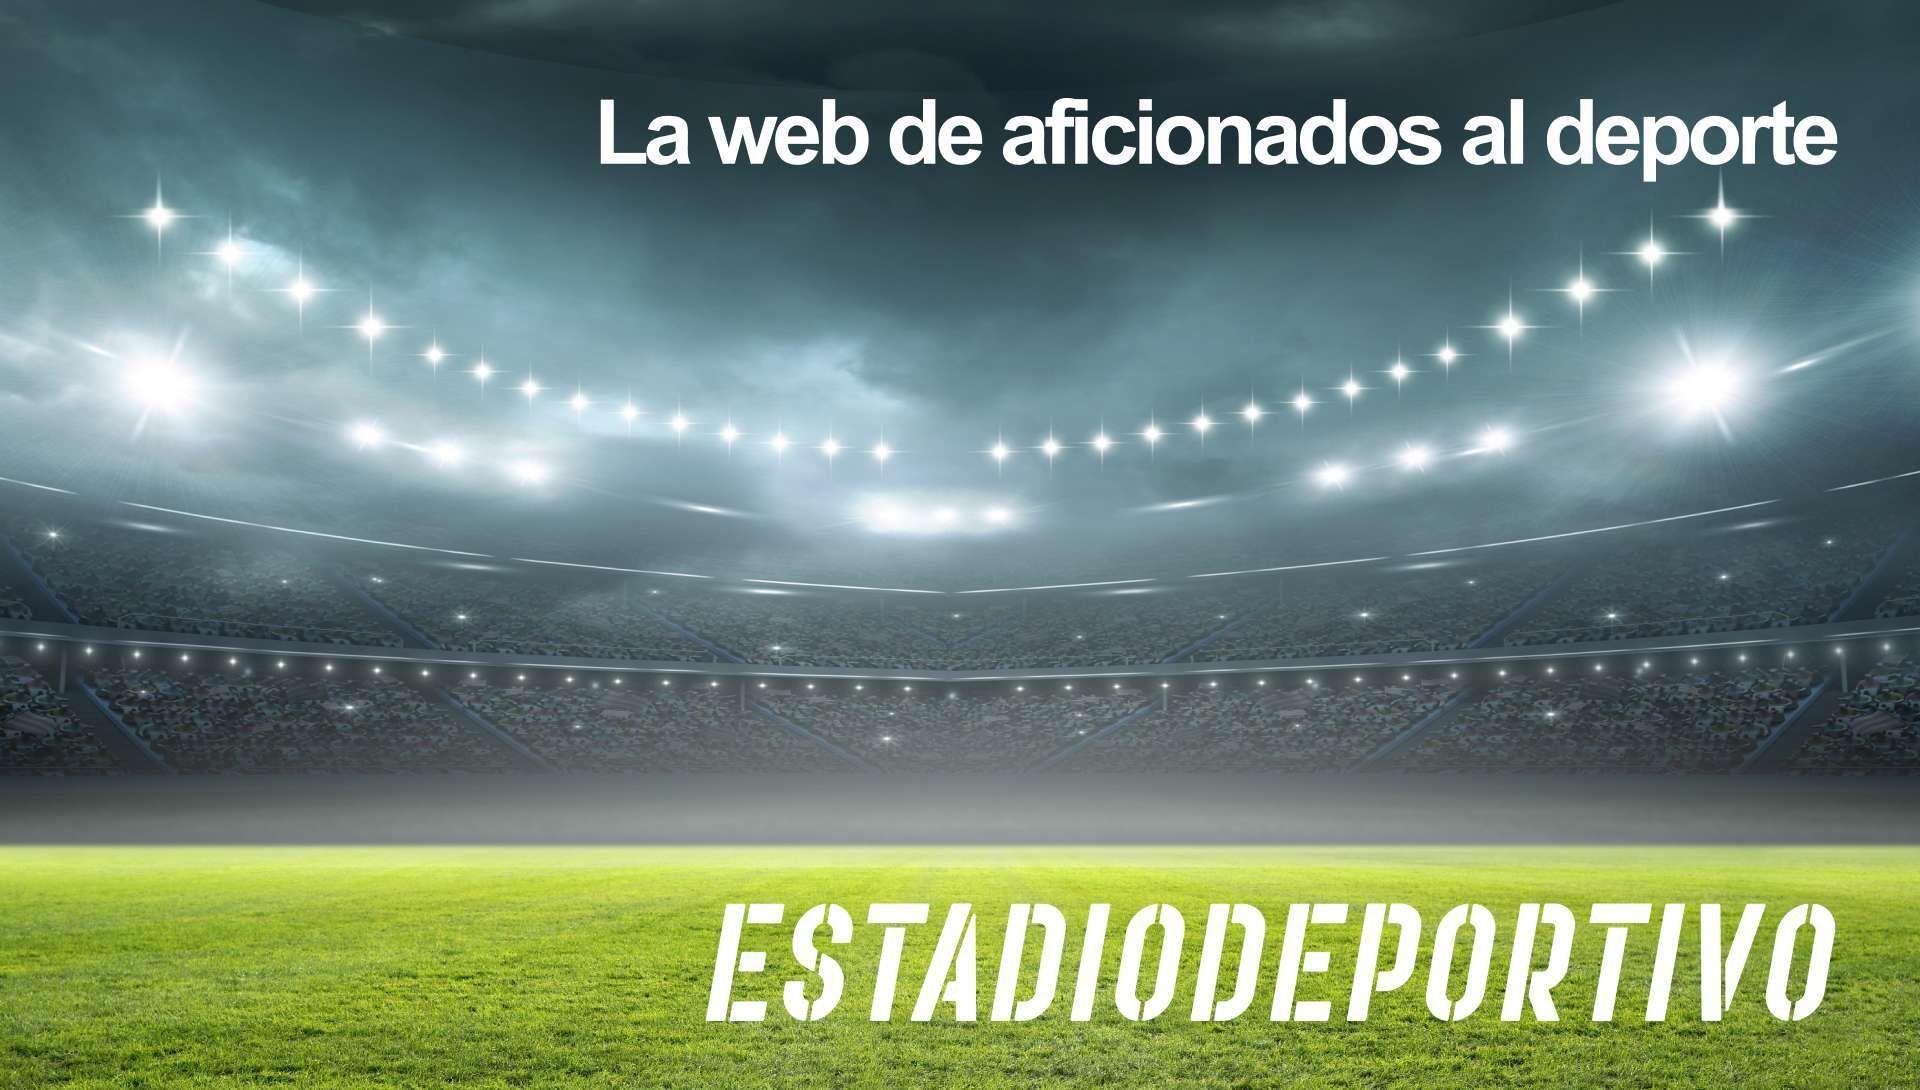 Casillas 'ficha' a Lainez y Pozo